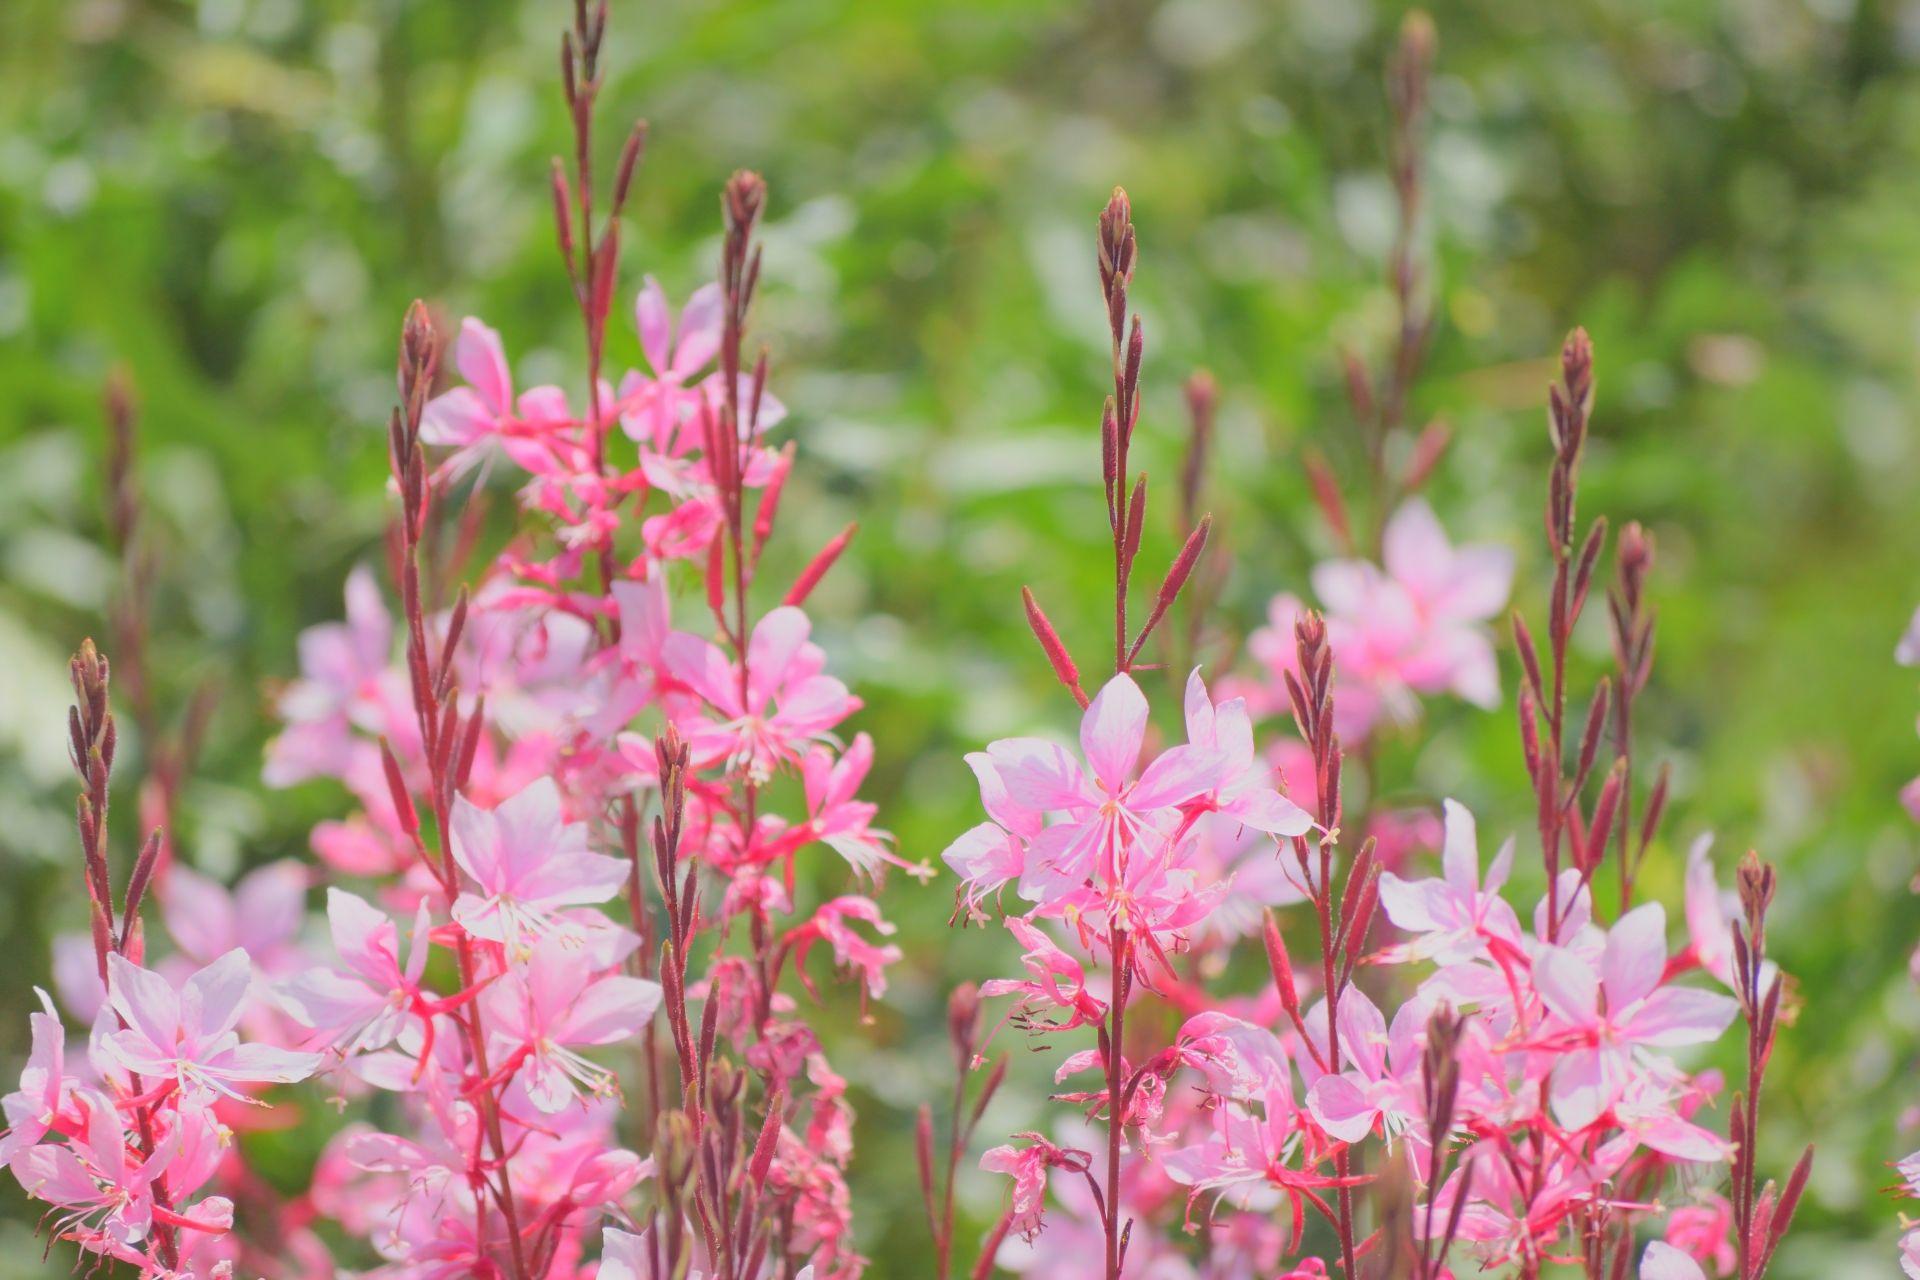 晩秋まで咲く!開花期の長い花6選!簡単に育てられる花を植えよう